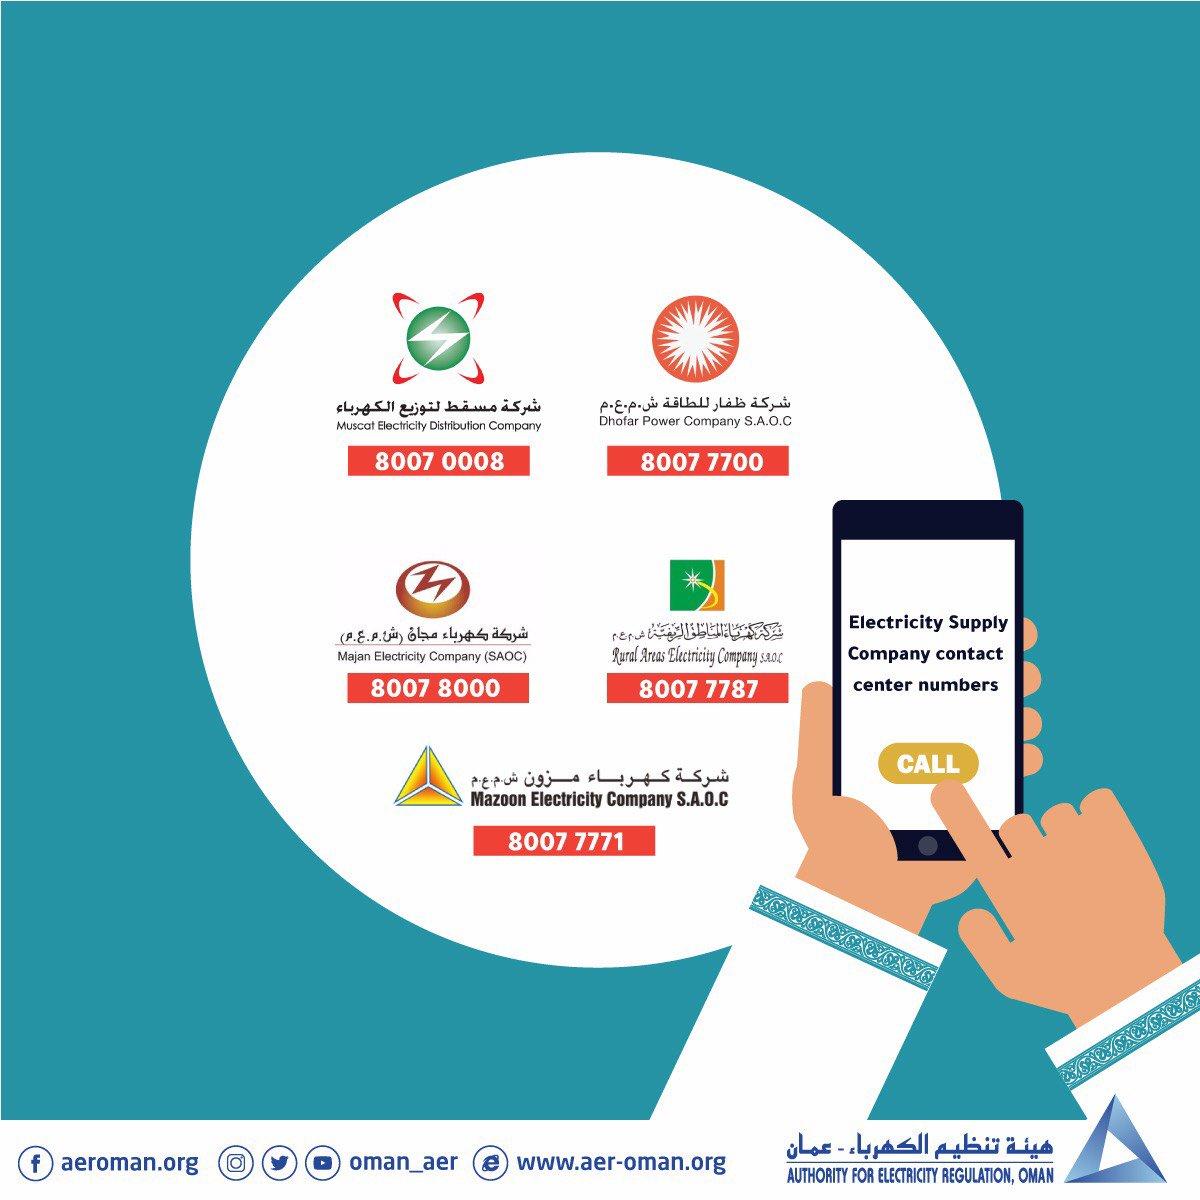 هيئة تنظيم الكهرباء-عُمان on Twitter: